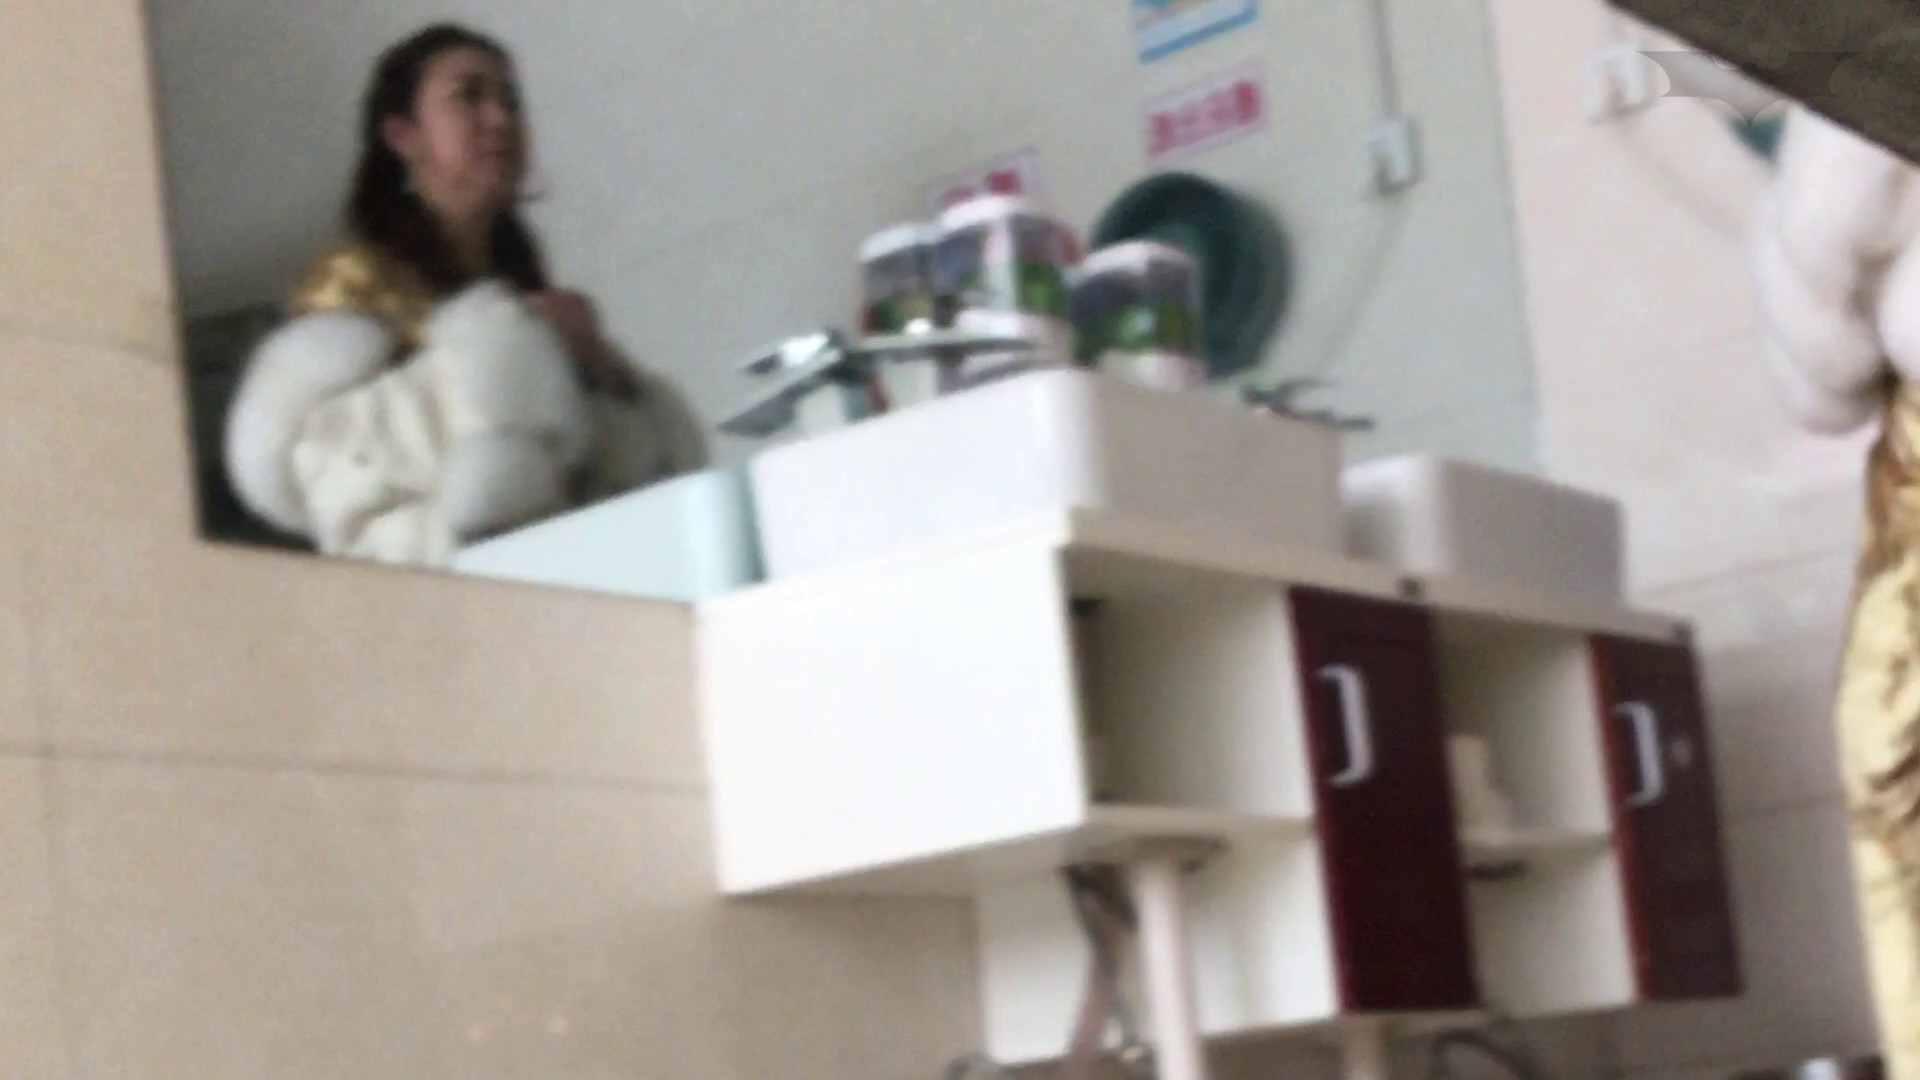 芸術大学ガチ潜入盗撮 JD盗撮 美女の洗面所の秘密 Vol.111 美女のボディ  49PIX 24